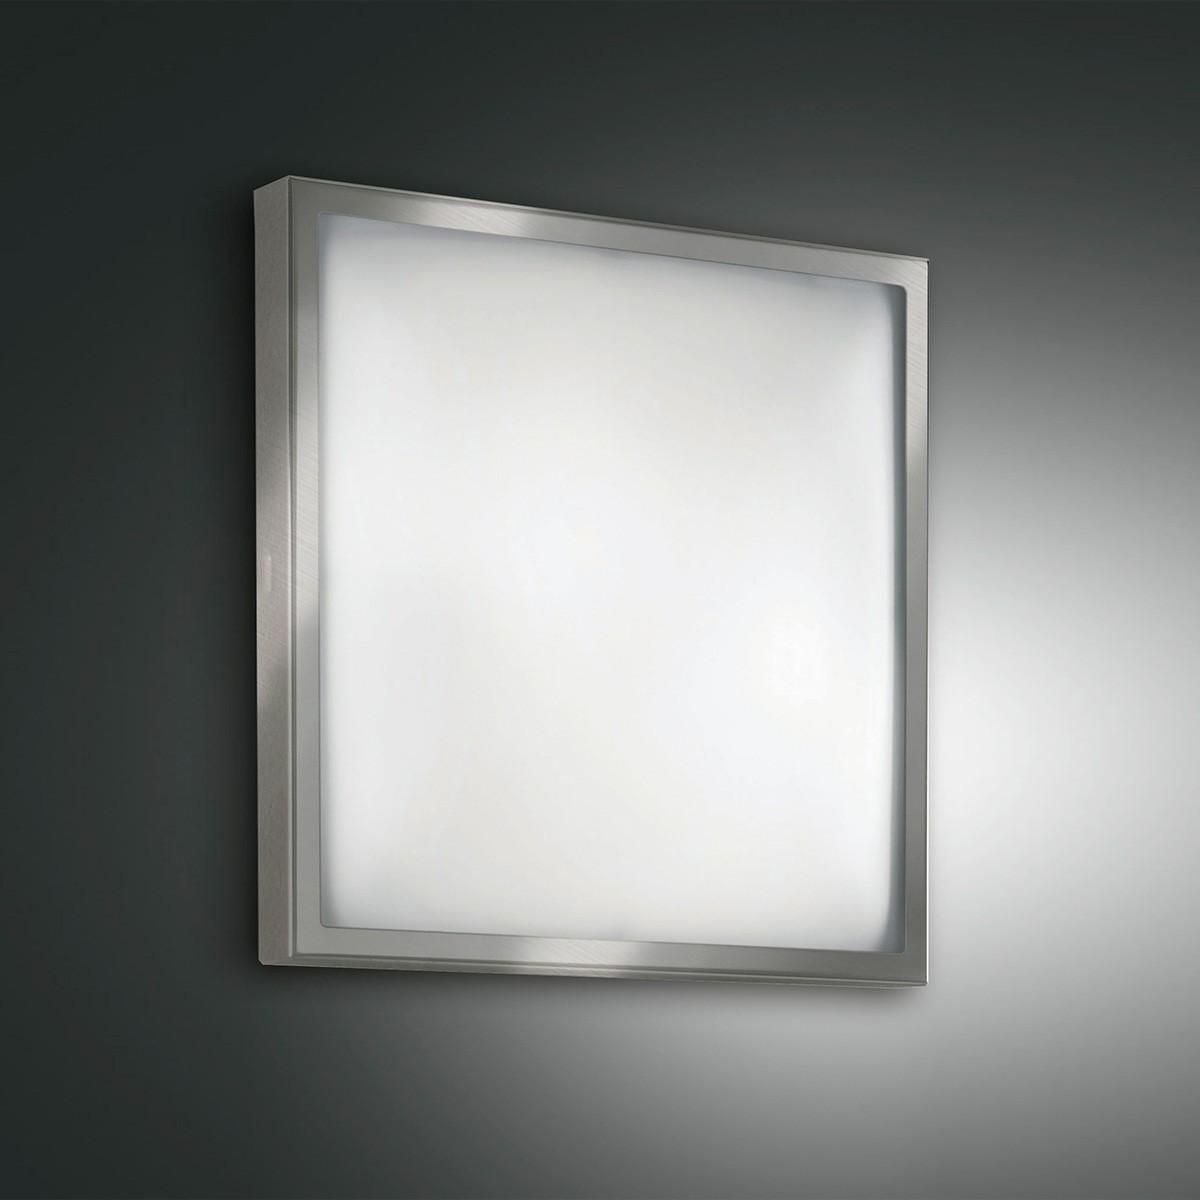 Fabas Luce Osaka Deckenleuchte, 30 x 30 cm, Nickel satiniert